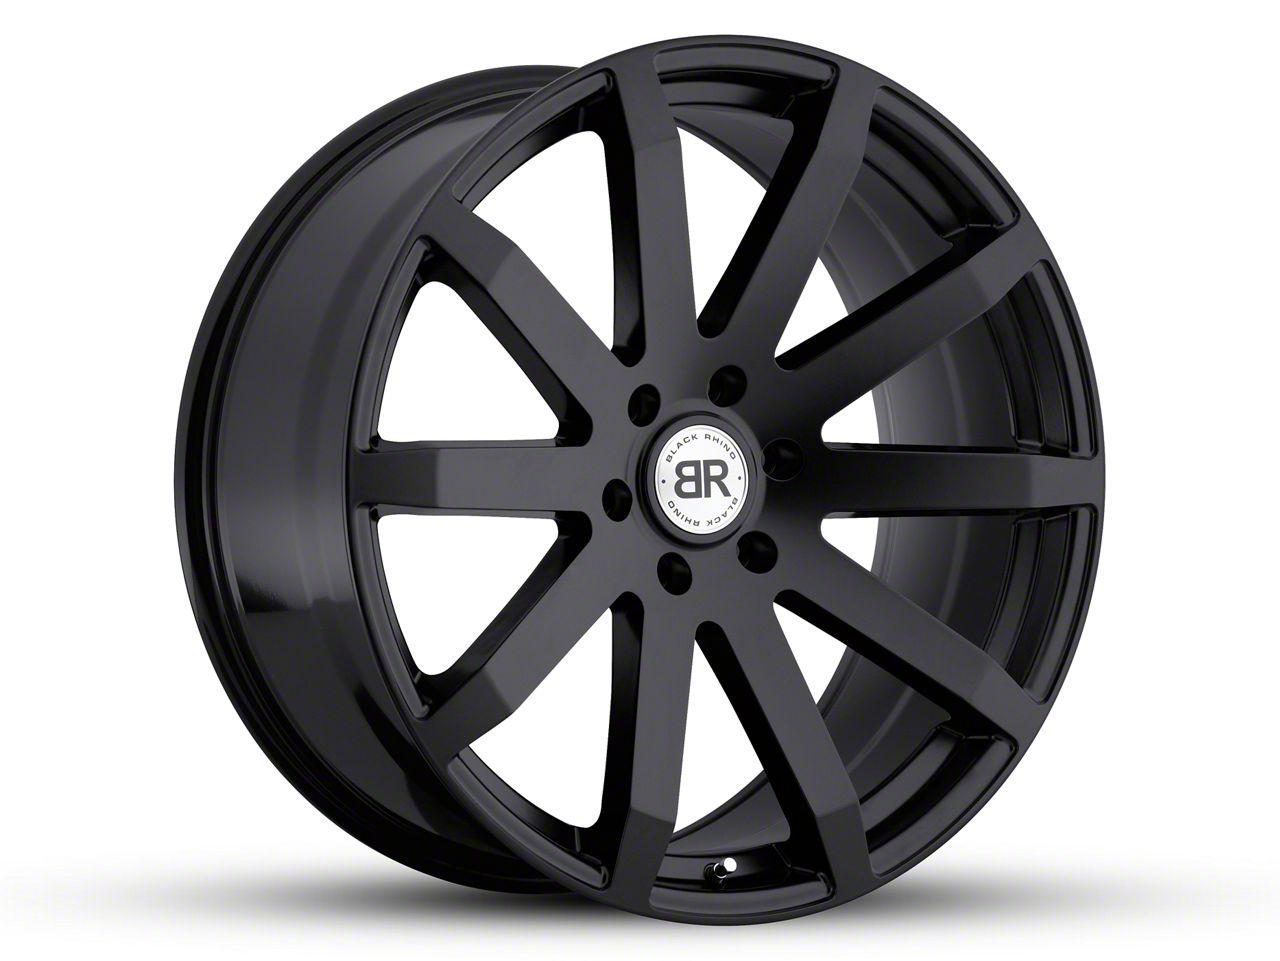 Black Rhino Traverse Matte Black 5-Lug Wheel - 22x9.5 (02-18 RAM 1500, Excluding Mega Cab)